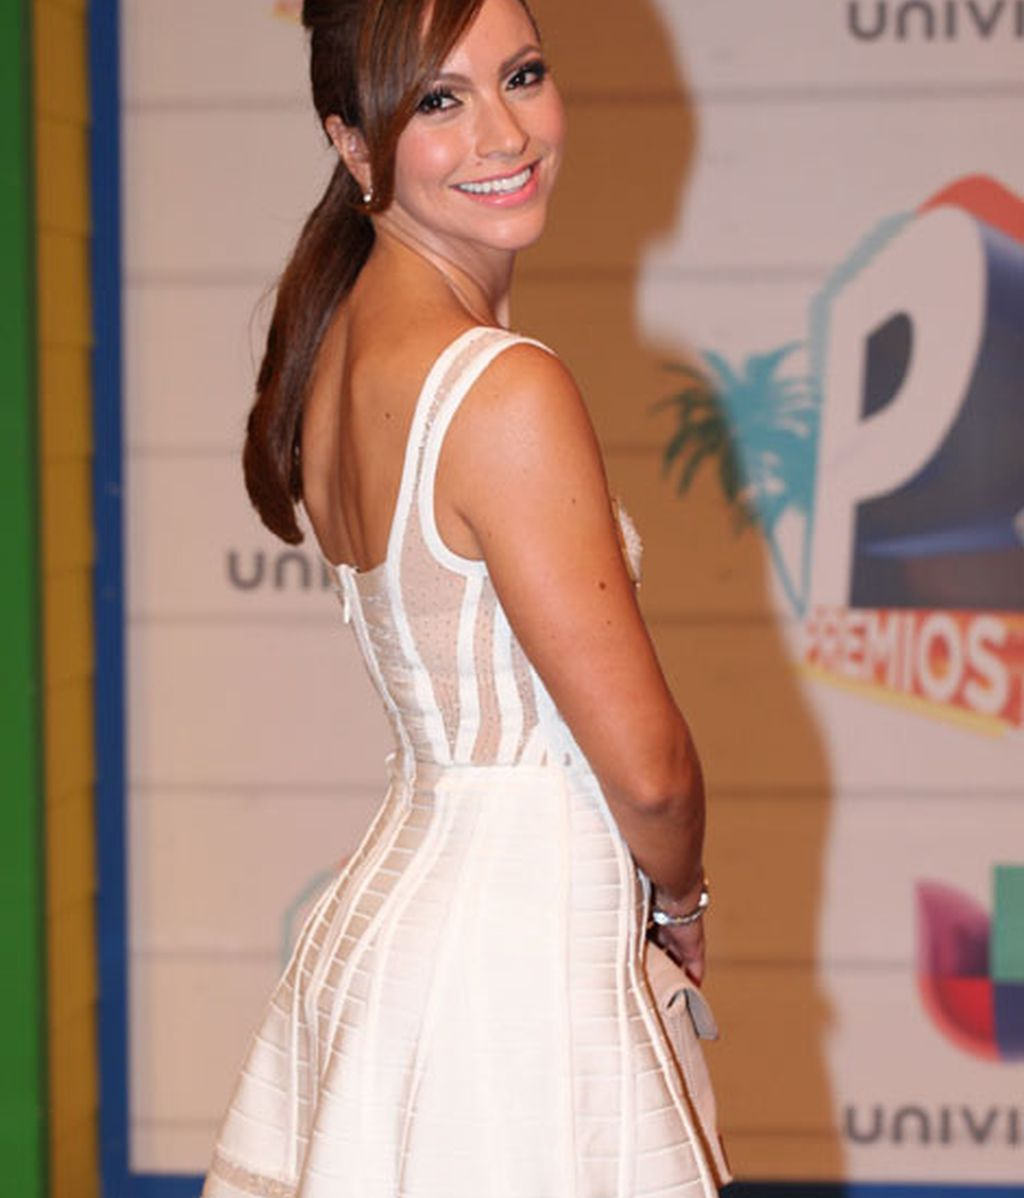 La presentadora Satcha Pretto también llevó un vestido blanco